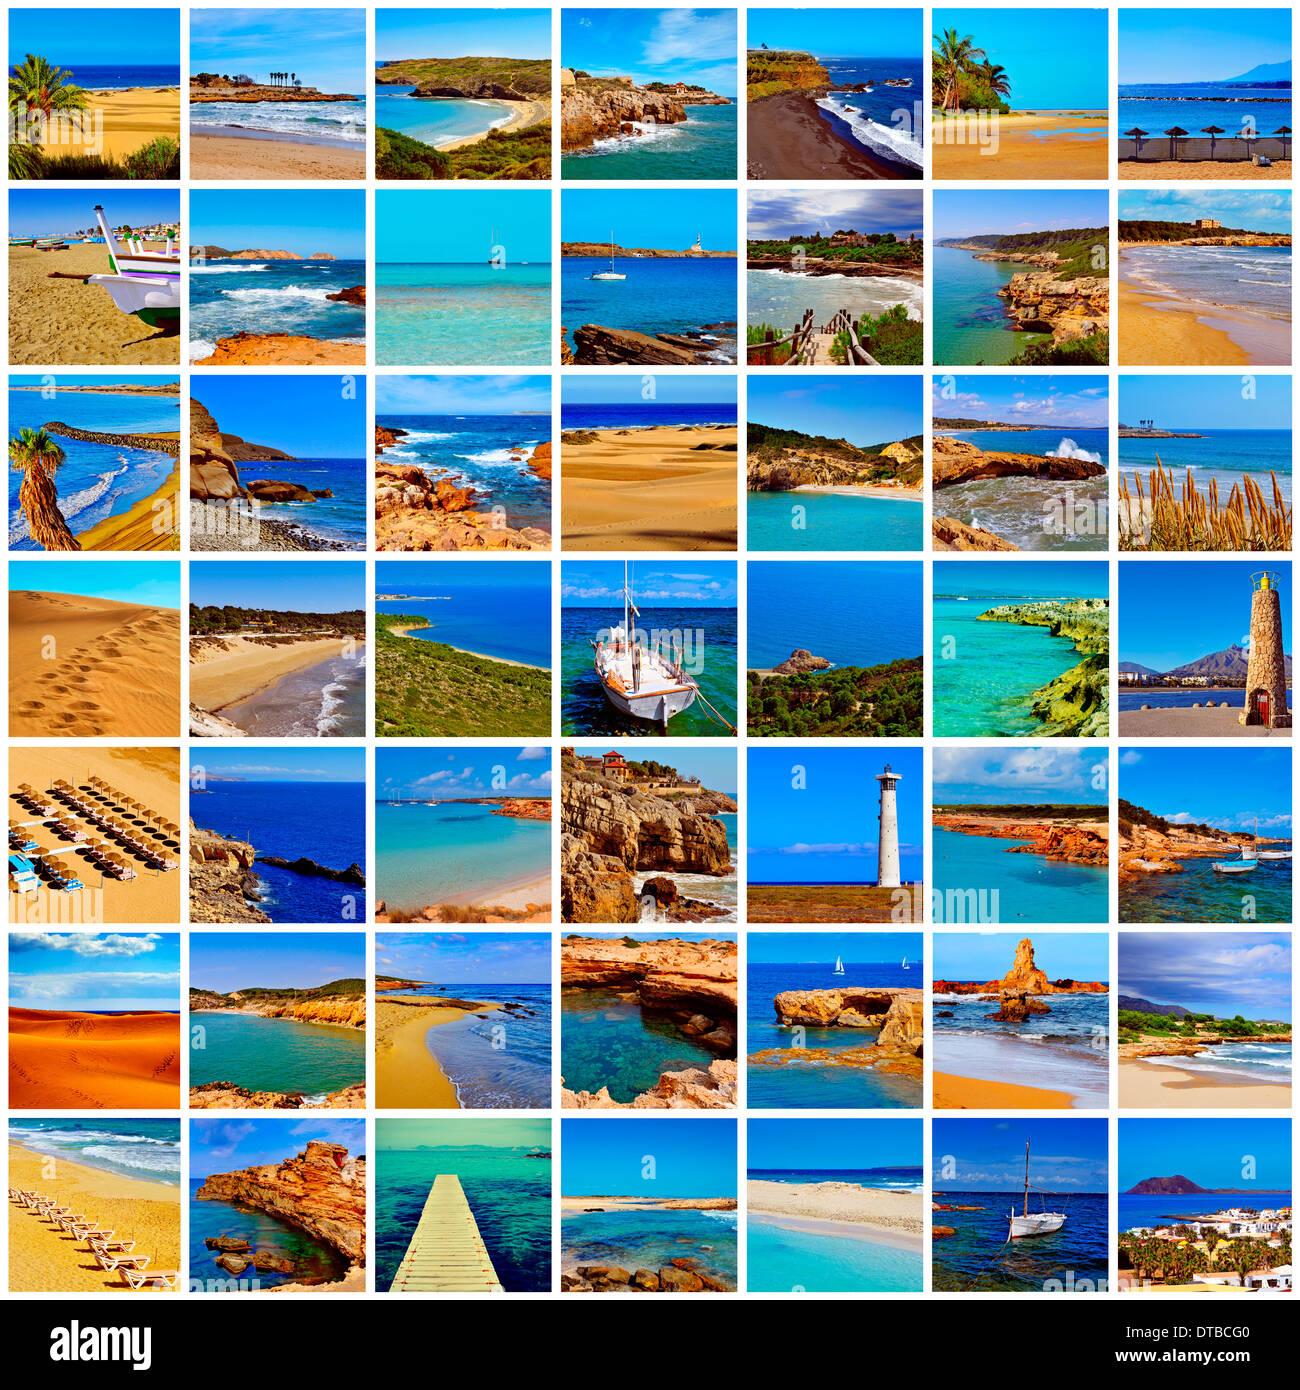 Un collage de différentes plages espagnoles, dans le continent et dans les îles Baléares et les Îles Canaries Photo Stock